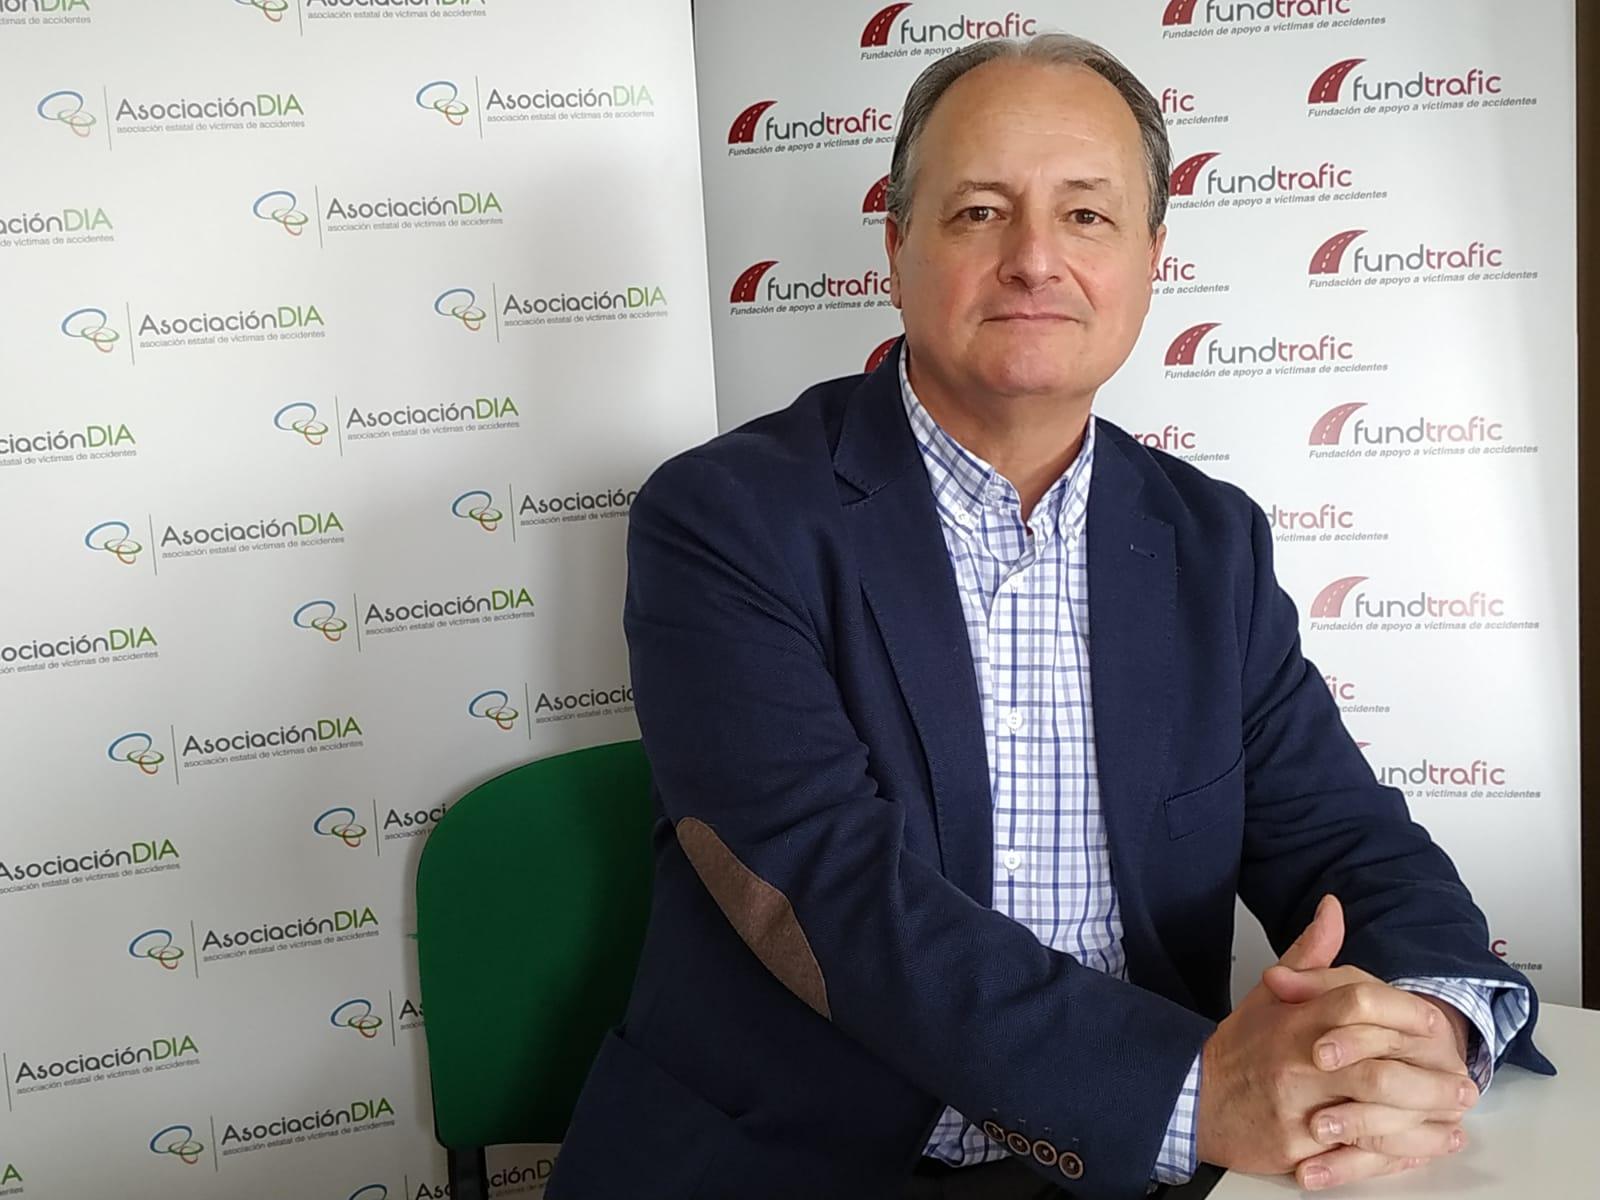 Javier Fajardo